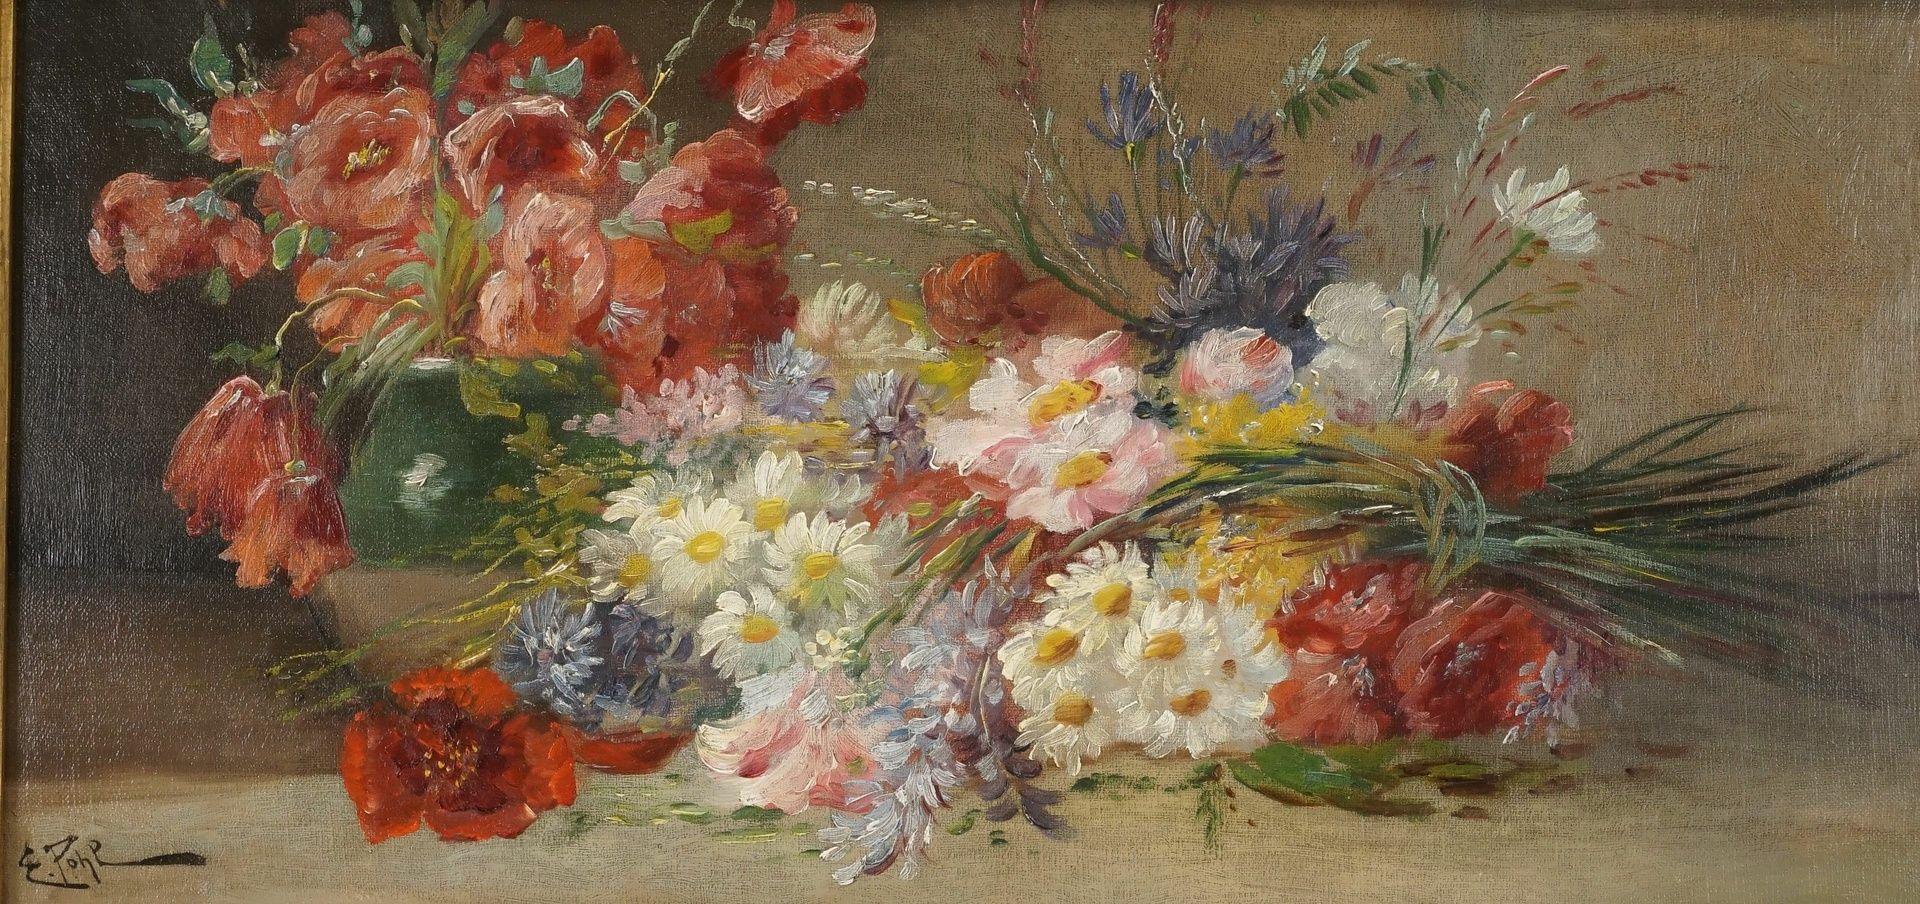 E. Pohl, Reiches Blumenstillleben mit Feldblumen und Klatschmohn - Bild 2 aus 5